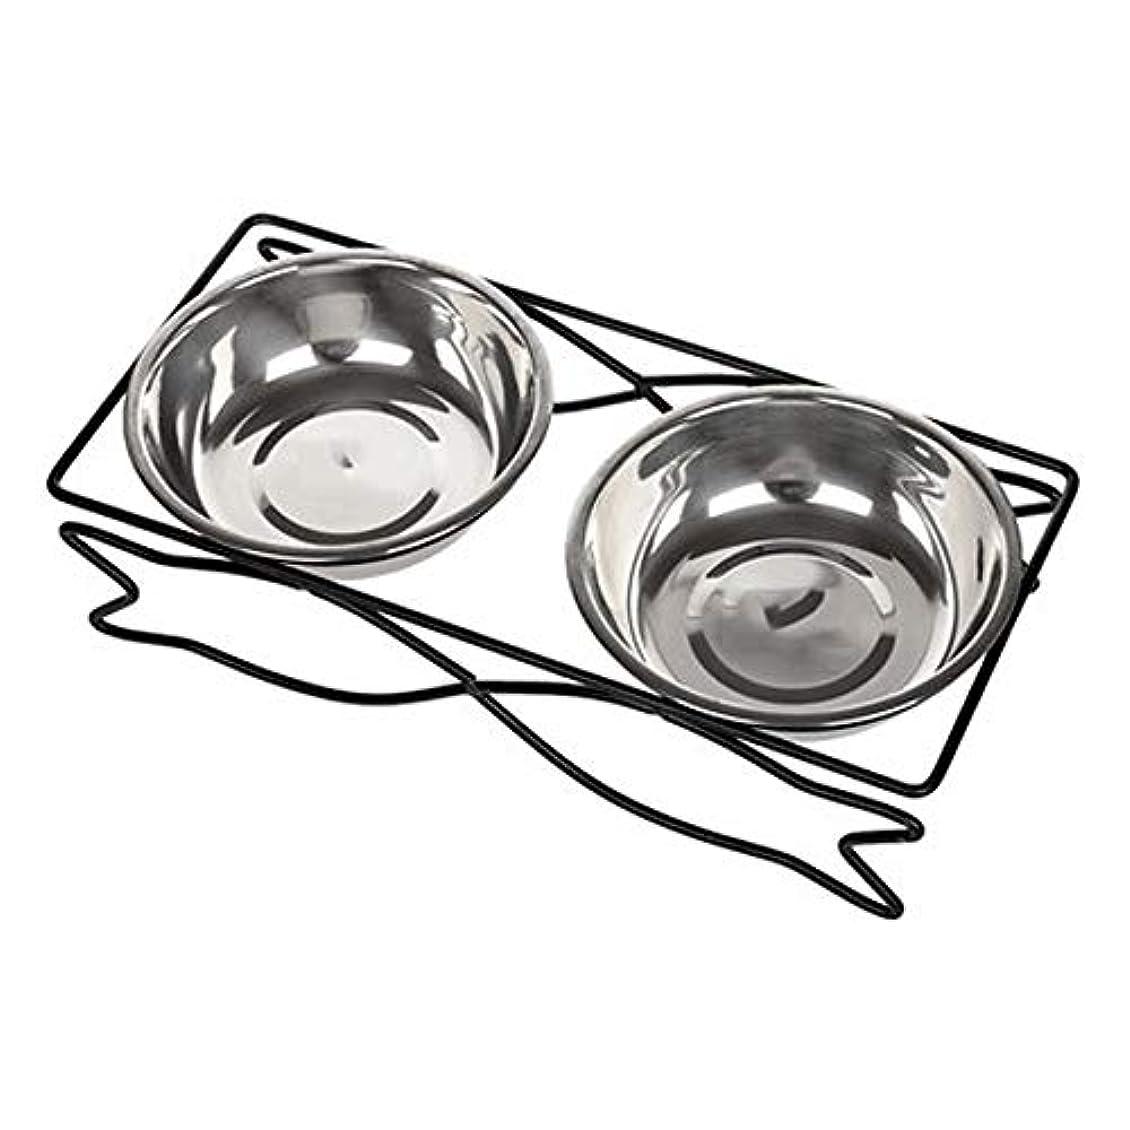 どうしたのポーチ転送Stainless Steel Pet Bowl Non-slip Shatter-resistant Cleaning Convenient Double Bowl Removable And Washable Cleaning Large And Small Dogs Pet Supplies (色 : Stainless steel, サイズ さいず : M)